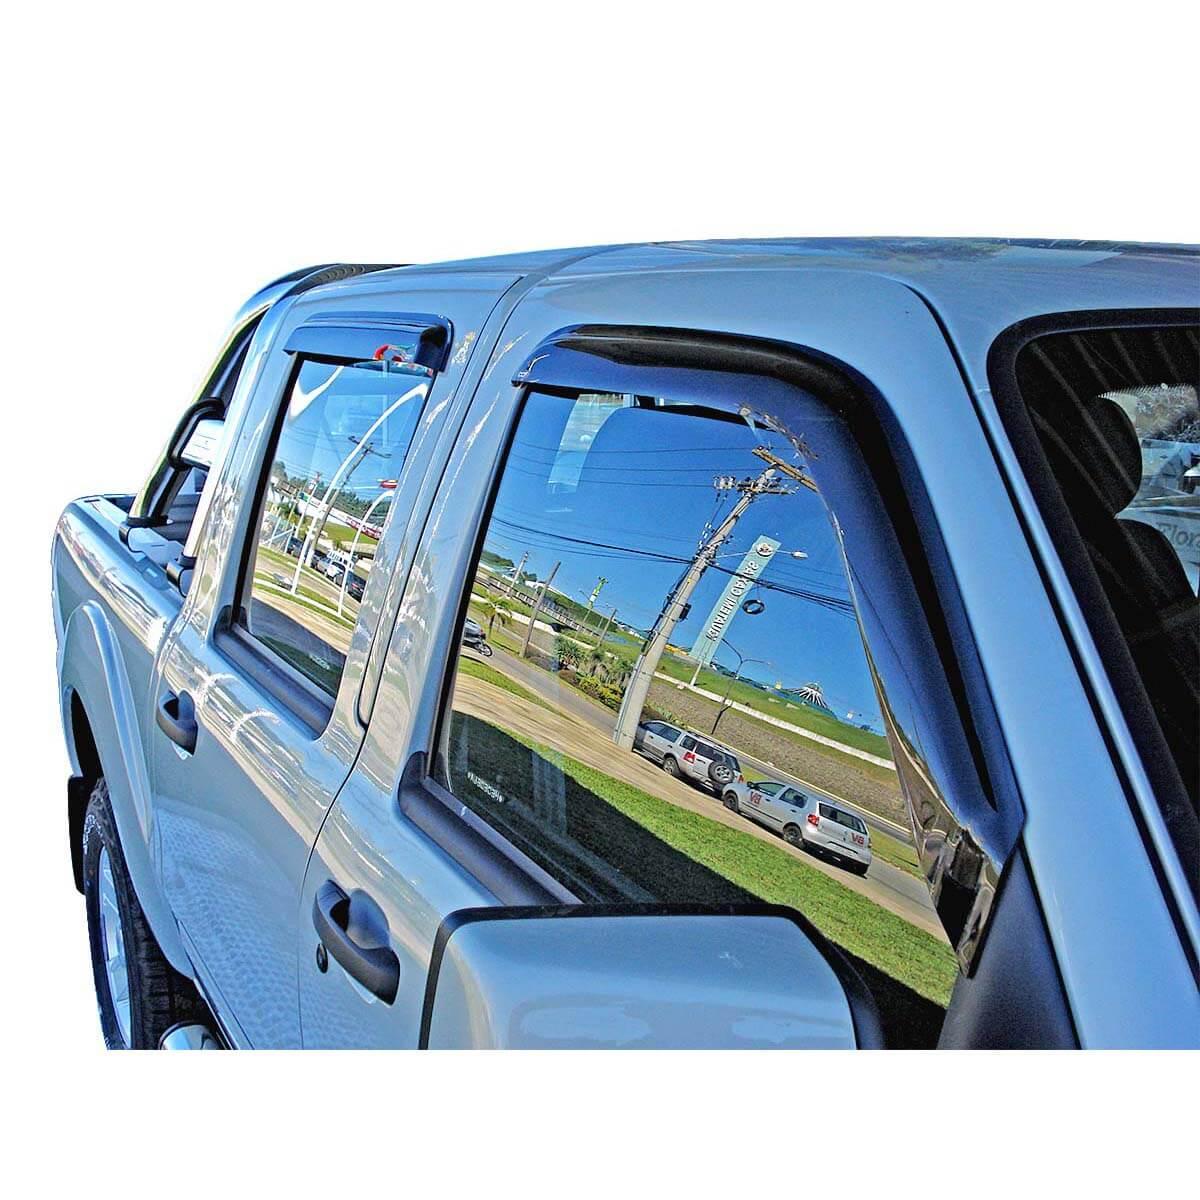 Calha de chuva S10 cabine dupla 1997 a 2011